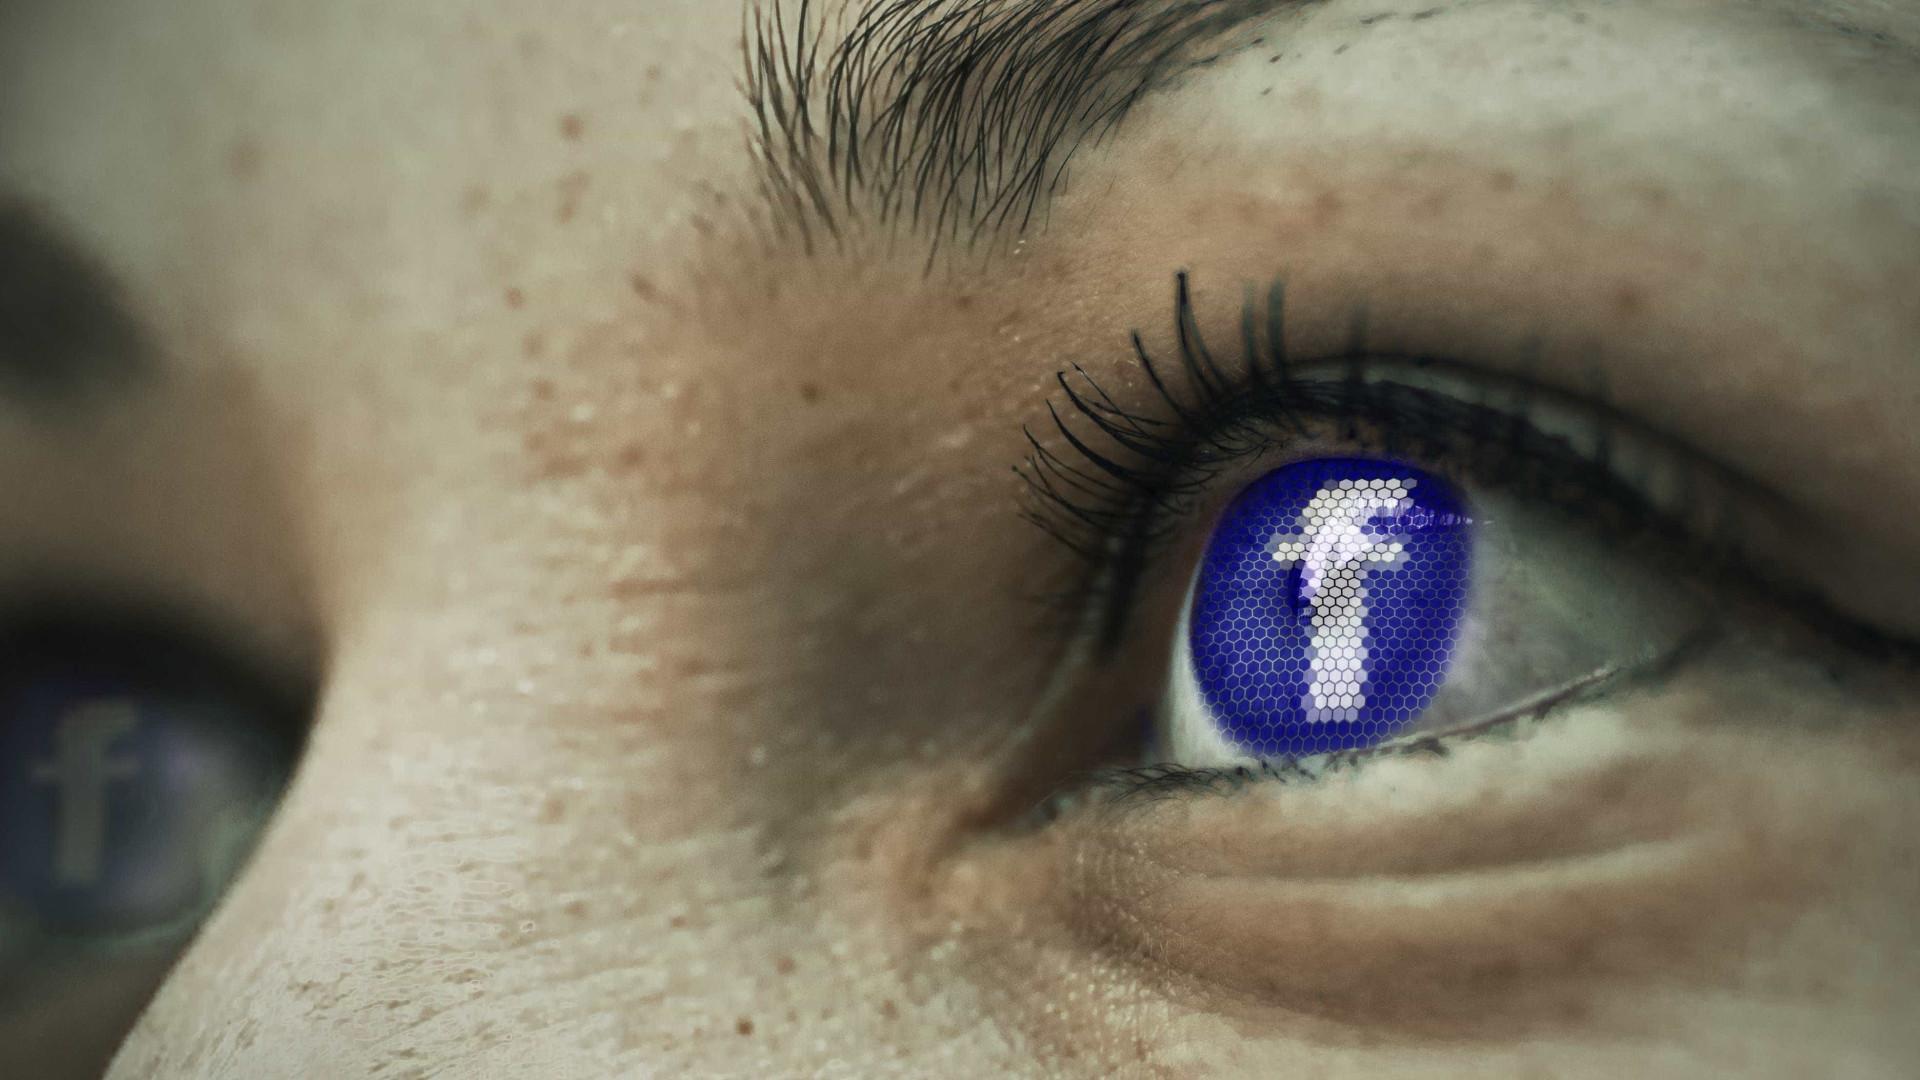 Facebook continua a ser usado para roubar dados de usuários